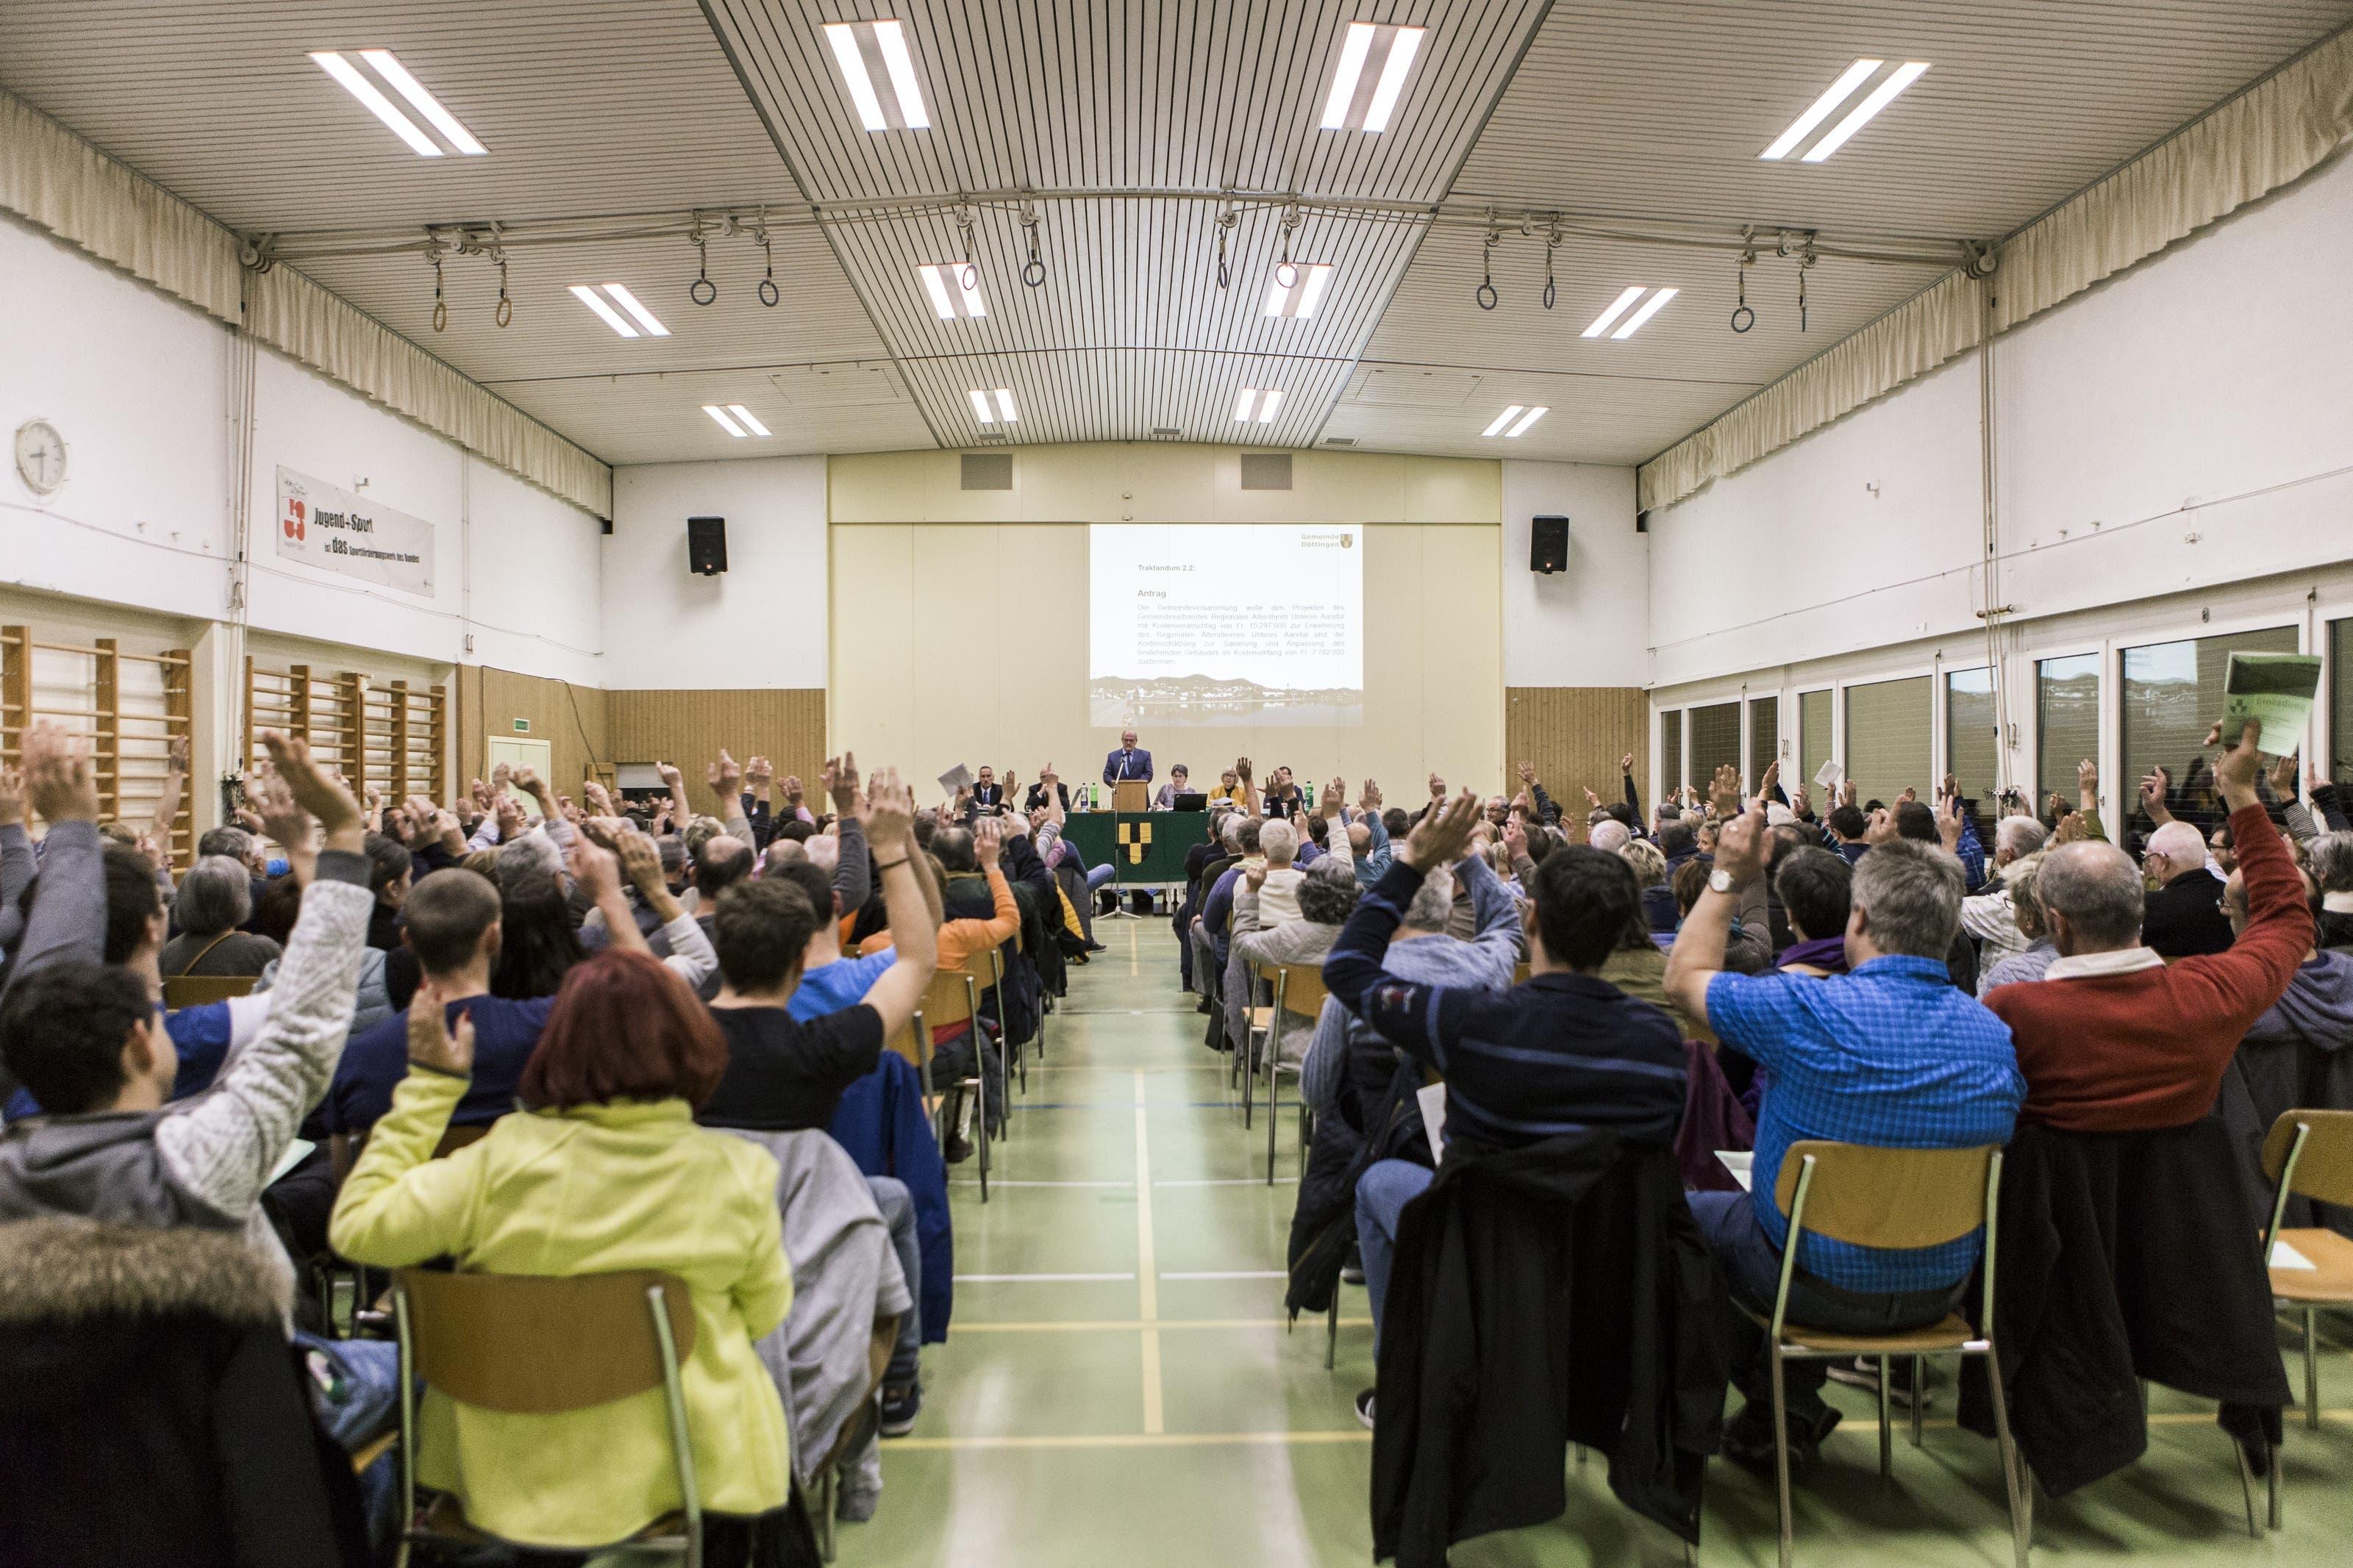 184 der 1907 Stimmberechtigten kamen an die Gemeindeversammlung - vergleichsweise ein Grossaufmarsch.